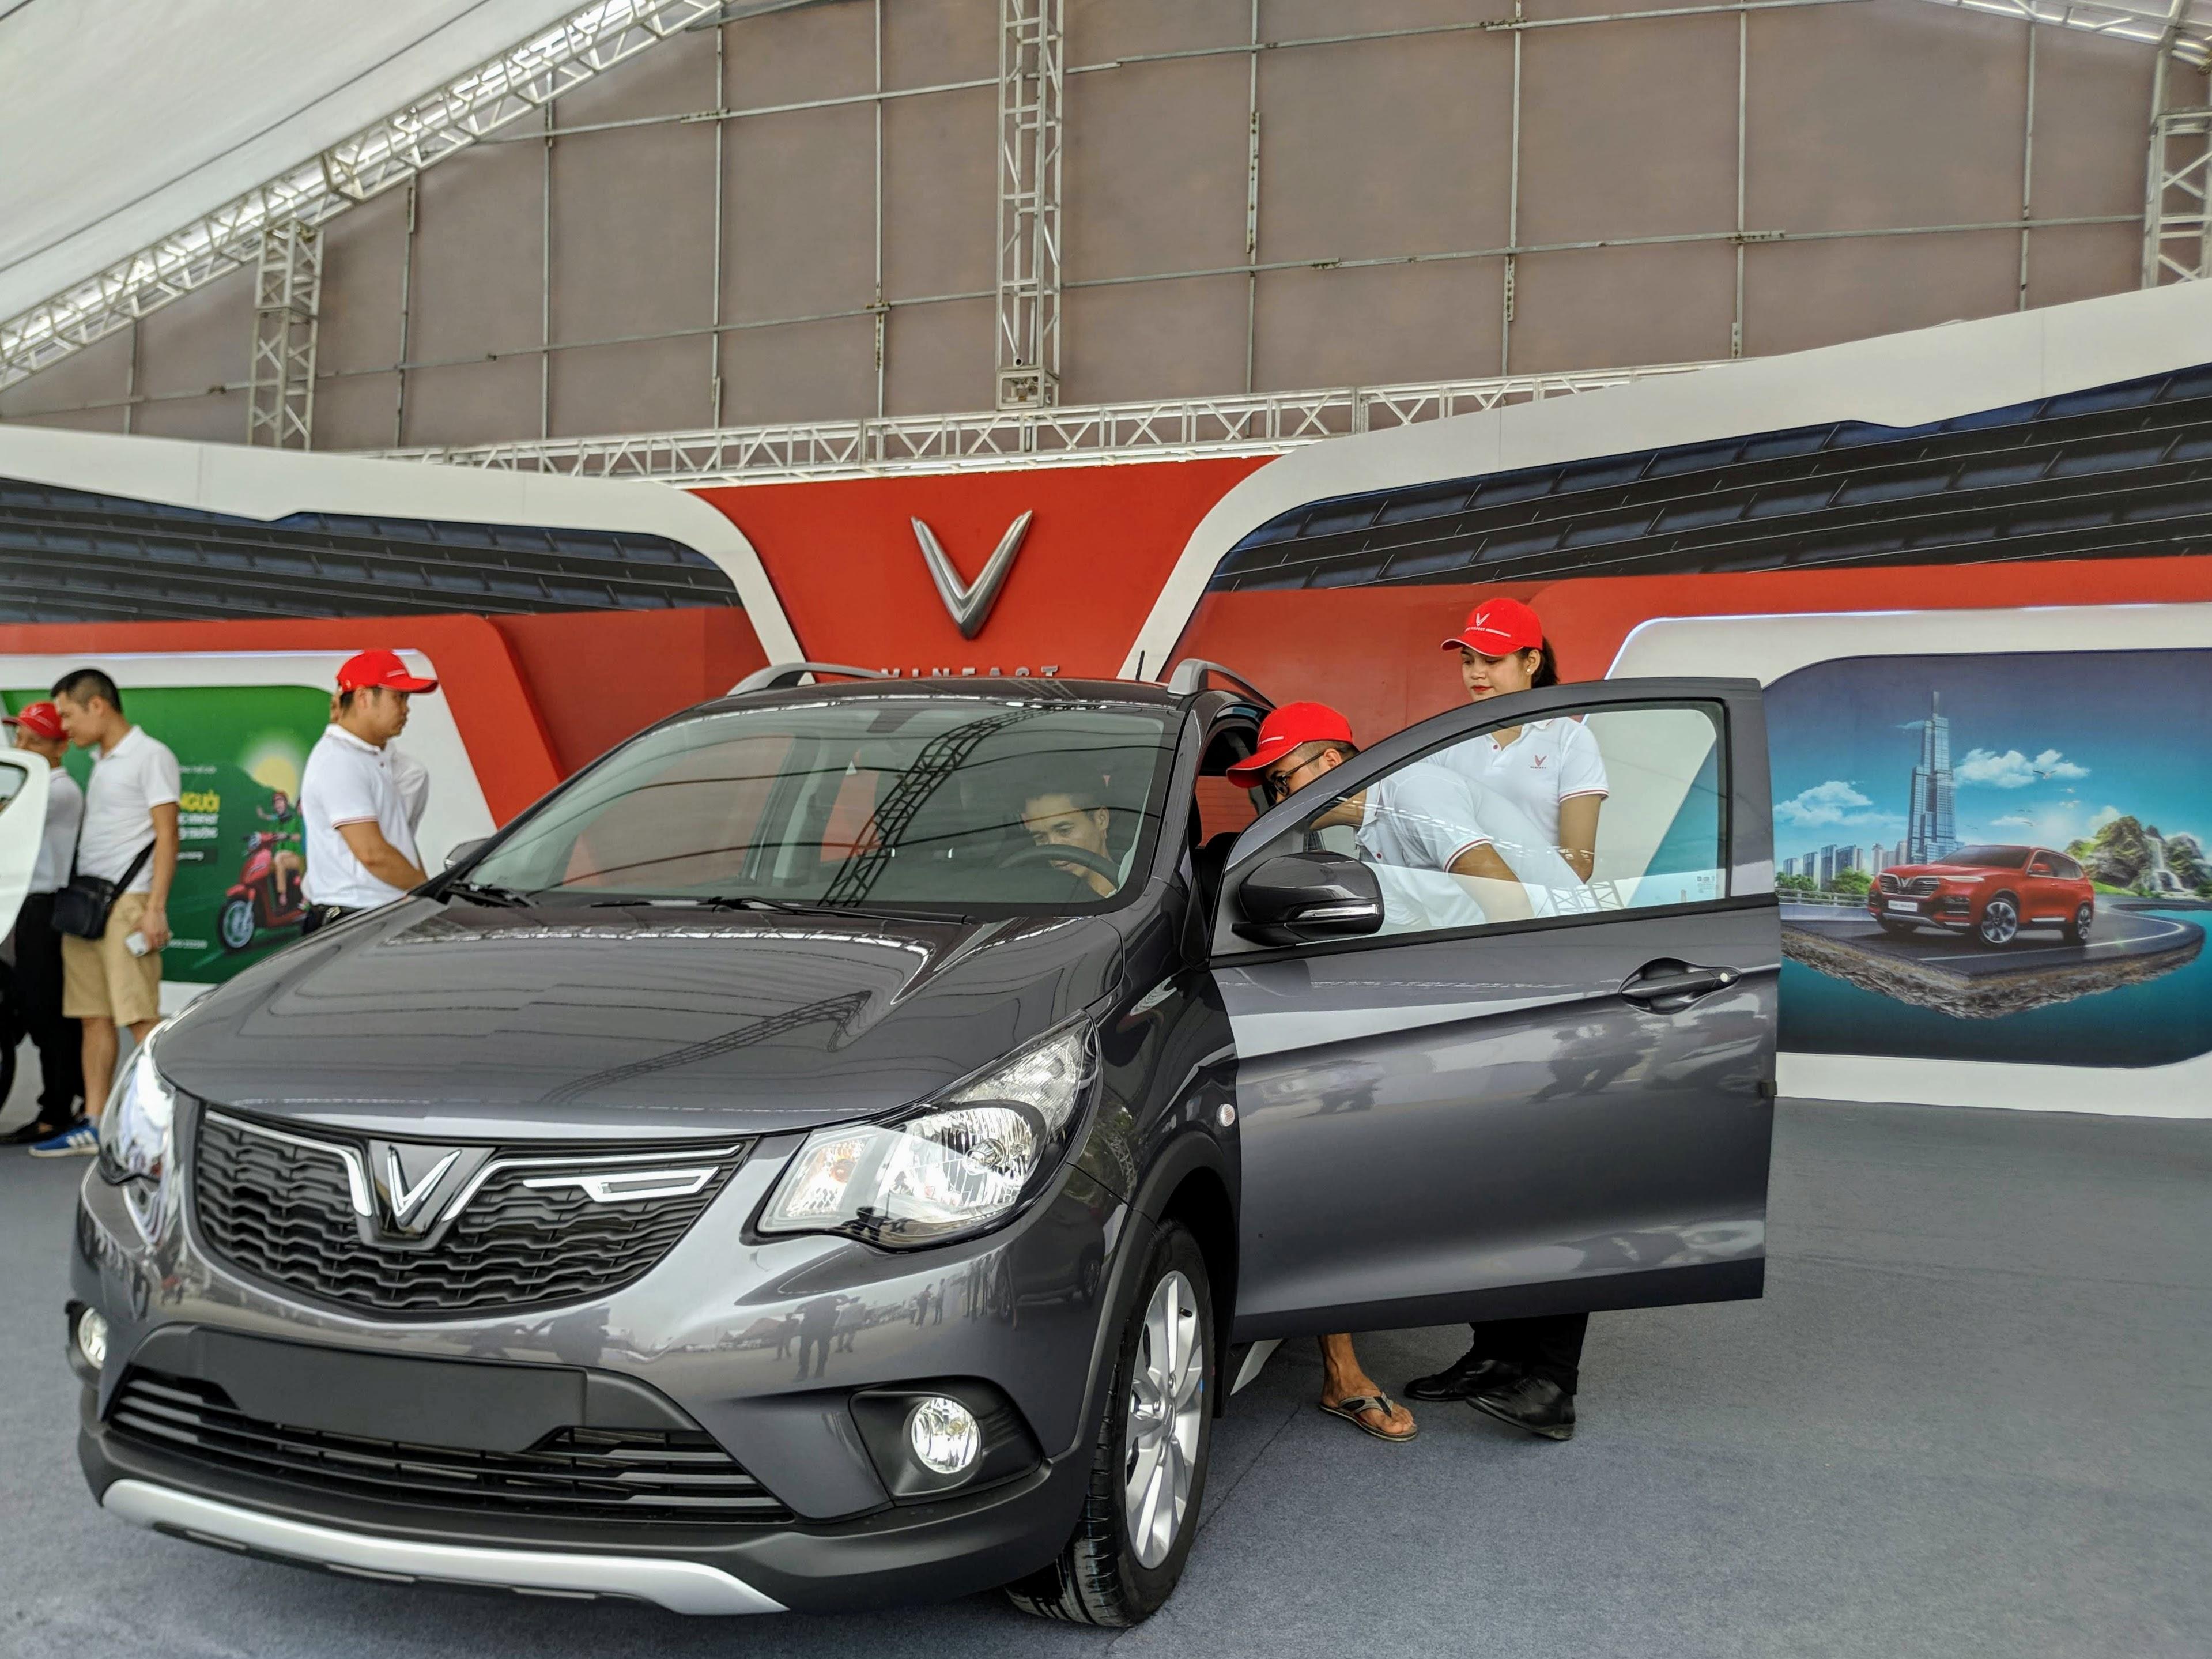 Hơn 2.100 ô tô VinFast đã được bán ra trong tháng 5/2020 - Ảnh 1.